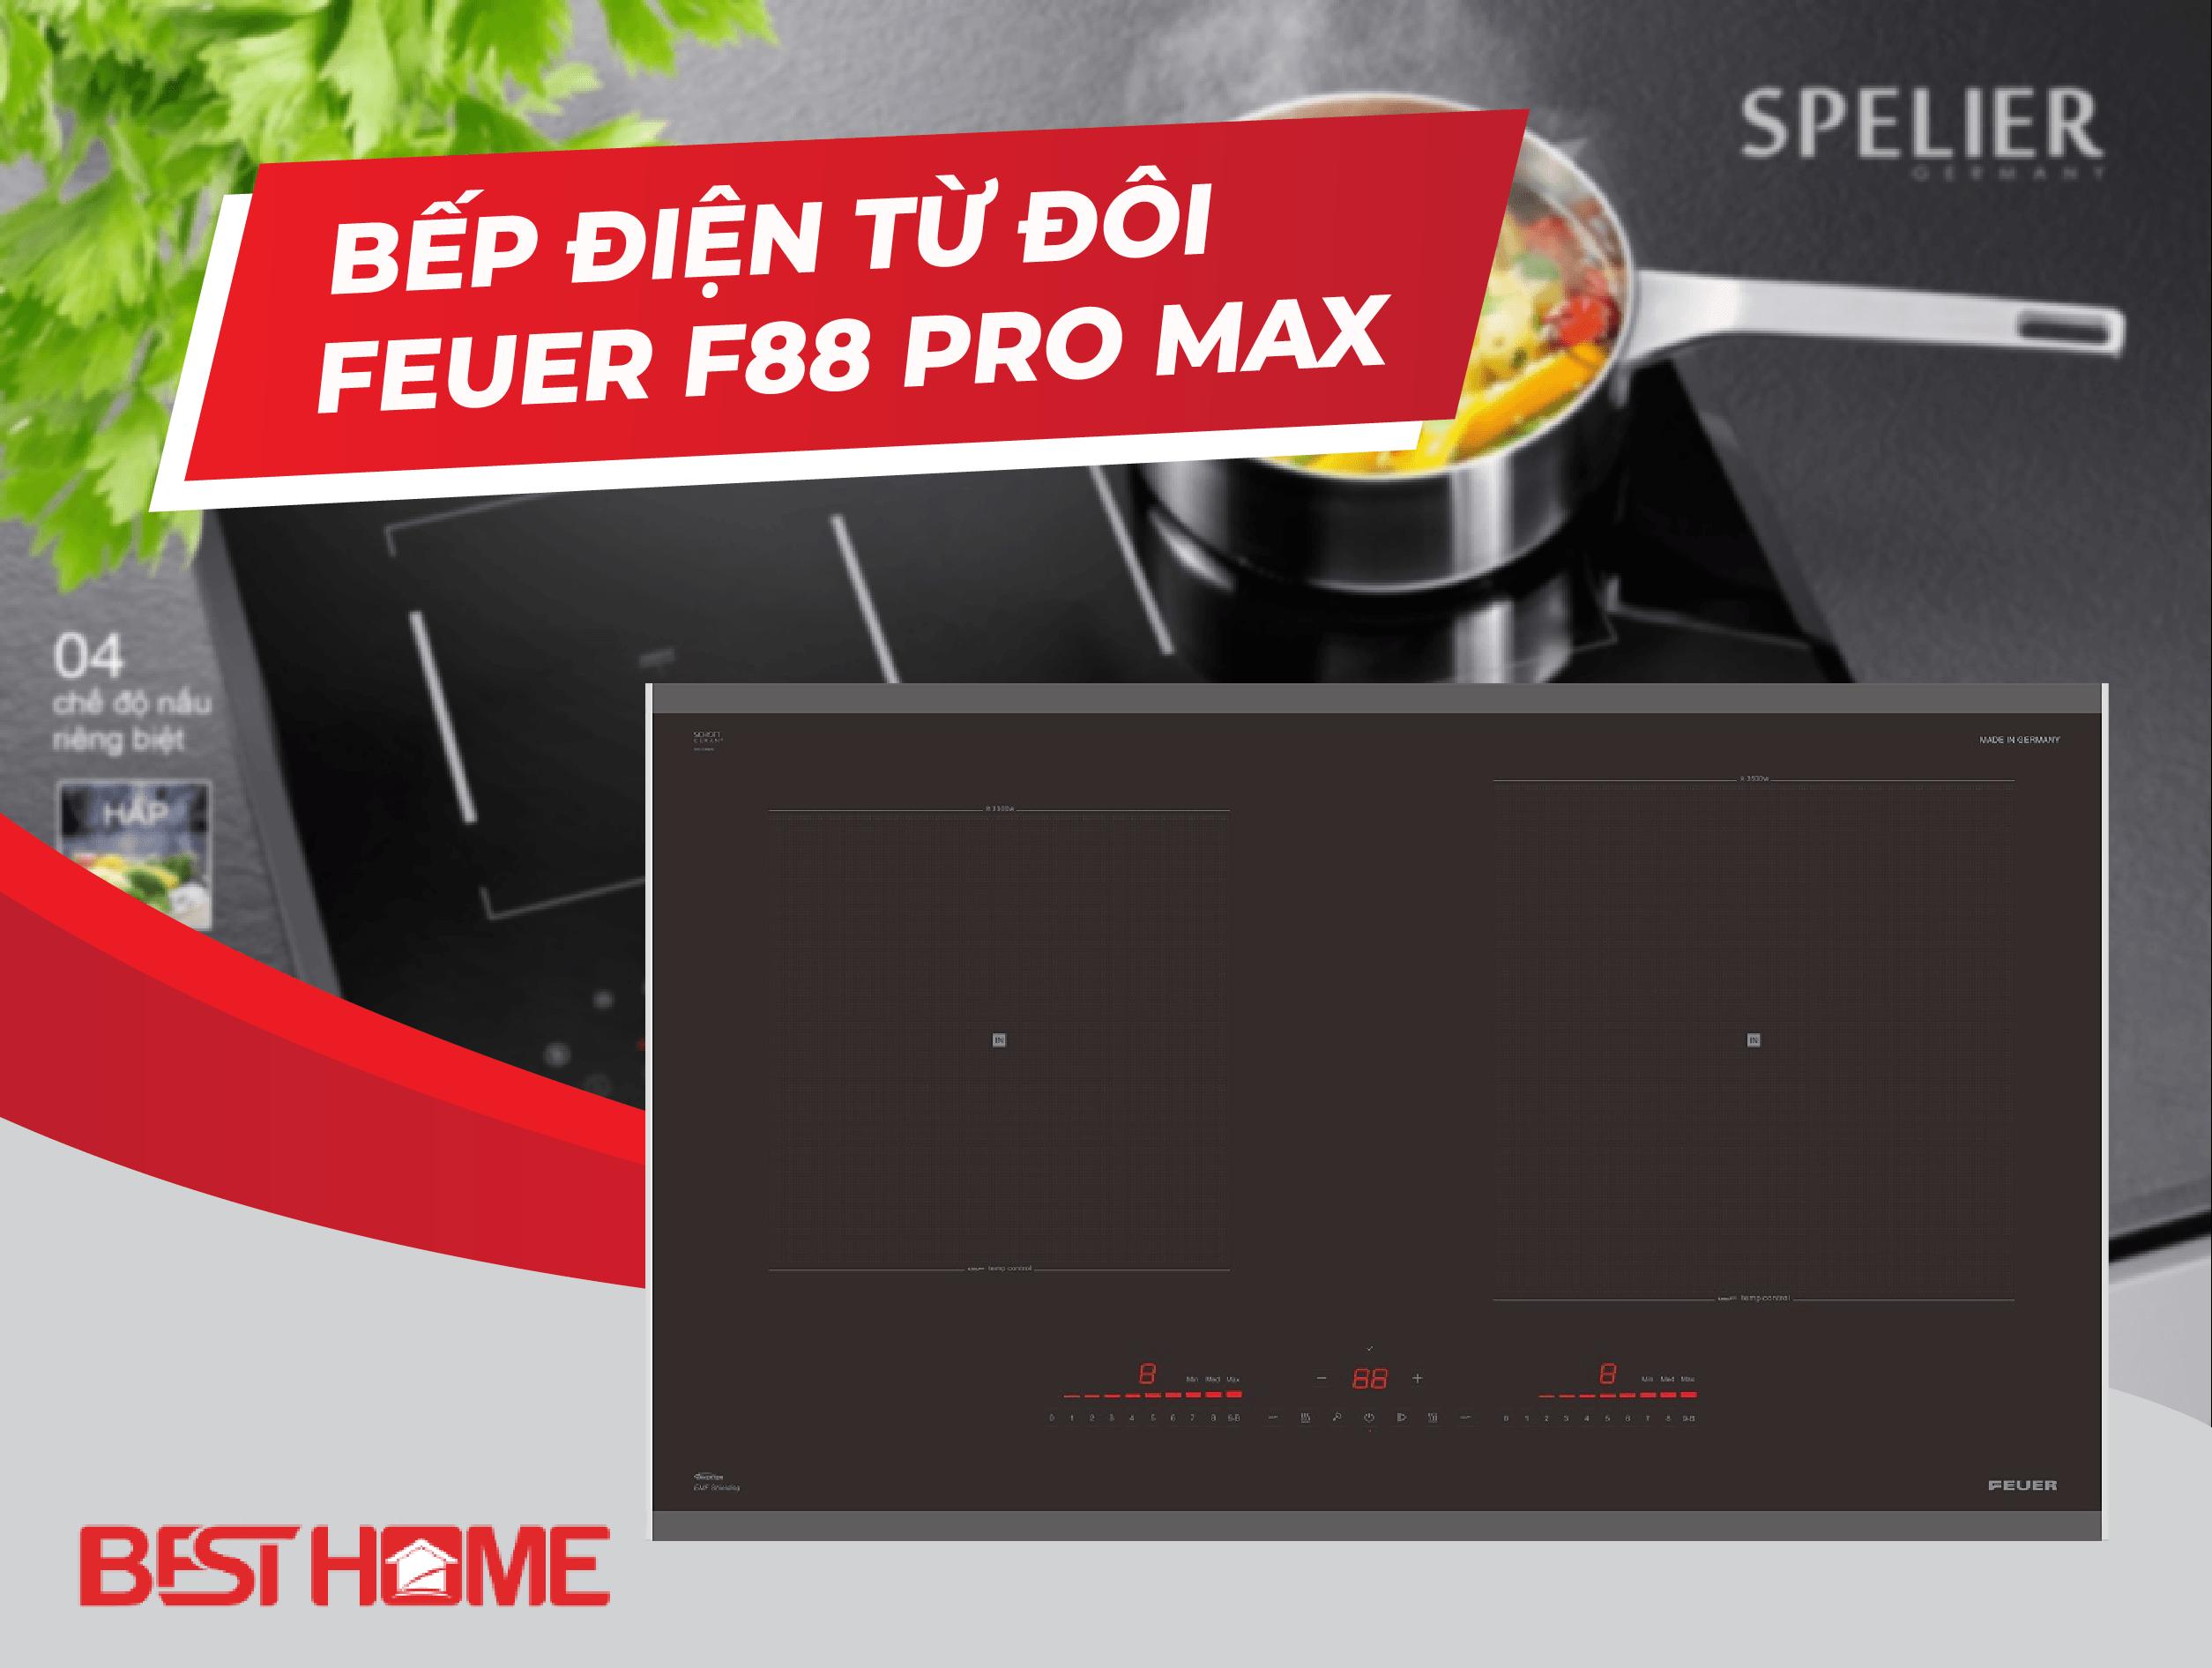 Bếp điện từ đôi FEUER F88 Pro Max xuất xứ Đức – bếp 5 sao